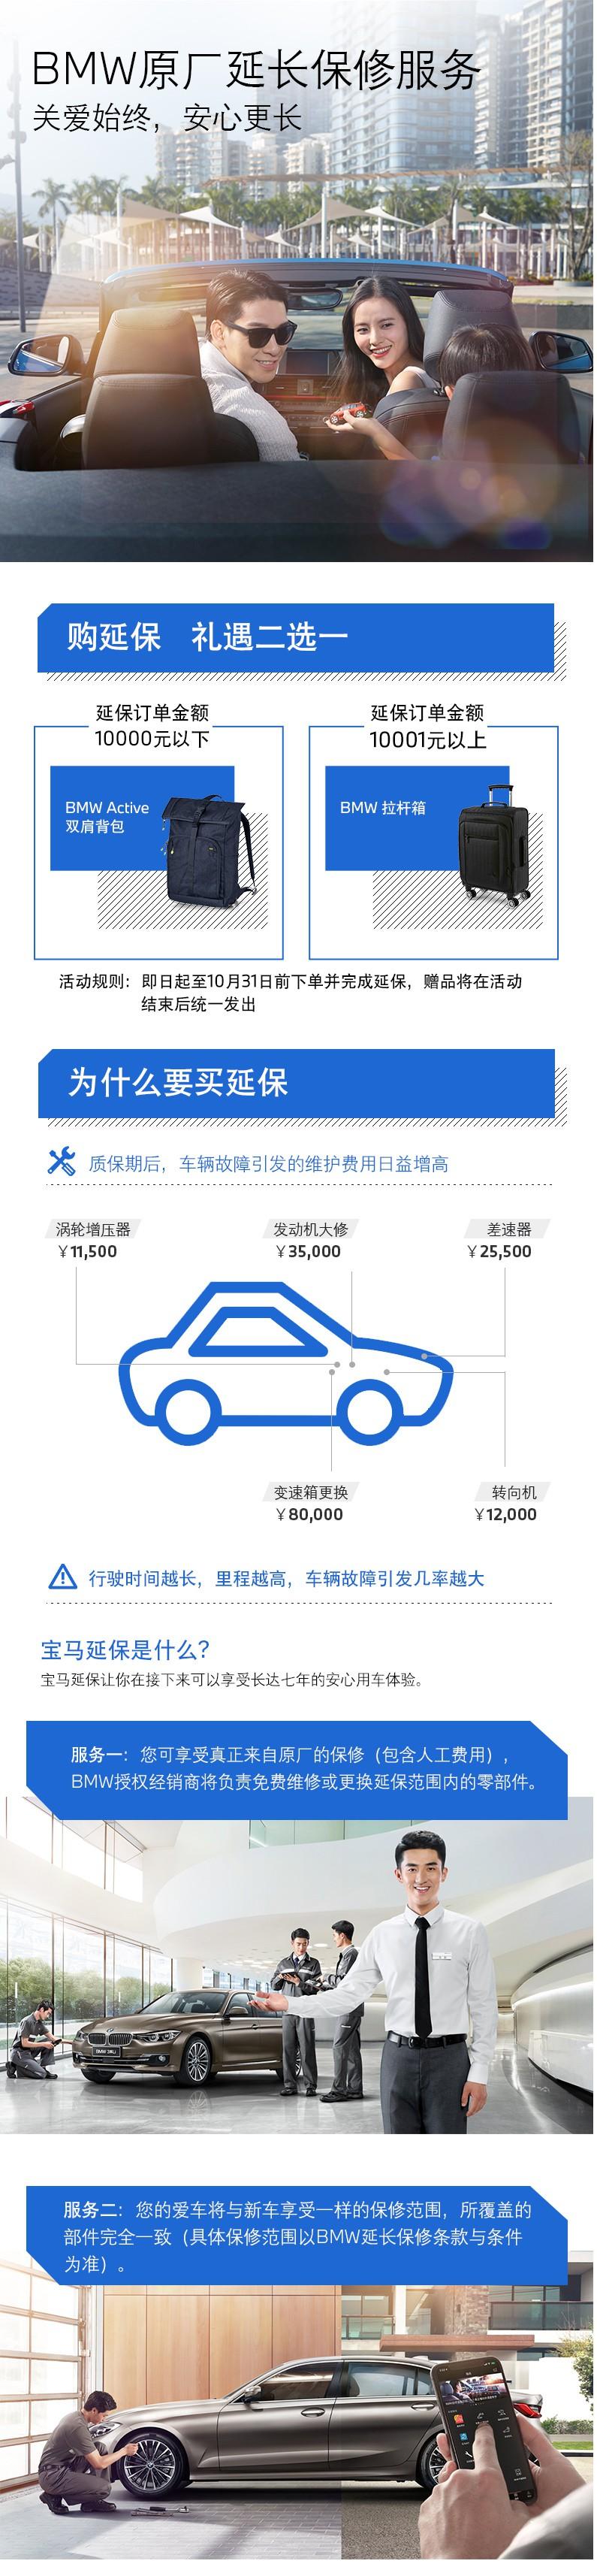 BMW宝马整车延保服务适用1系/2系/3系/4系/5系/6系/7系/8系原厂延长保修服务仅限汽油车型